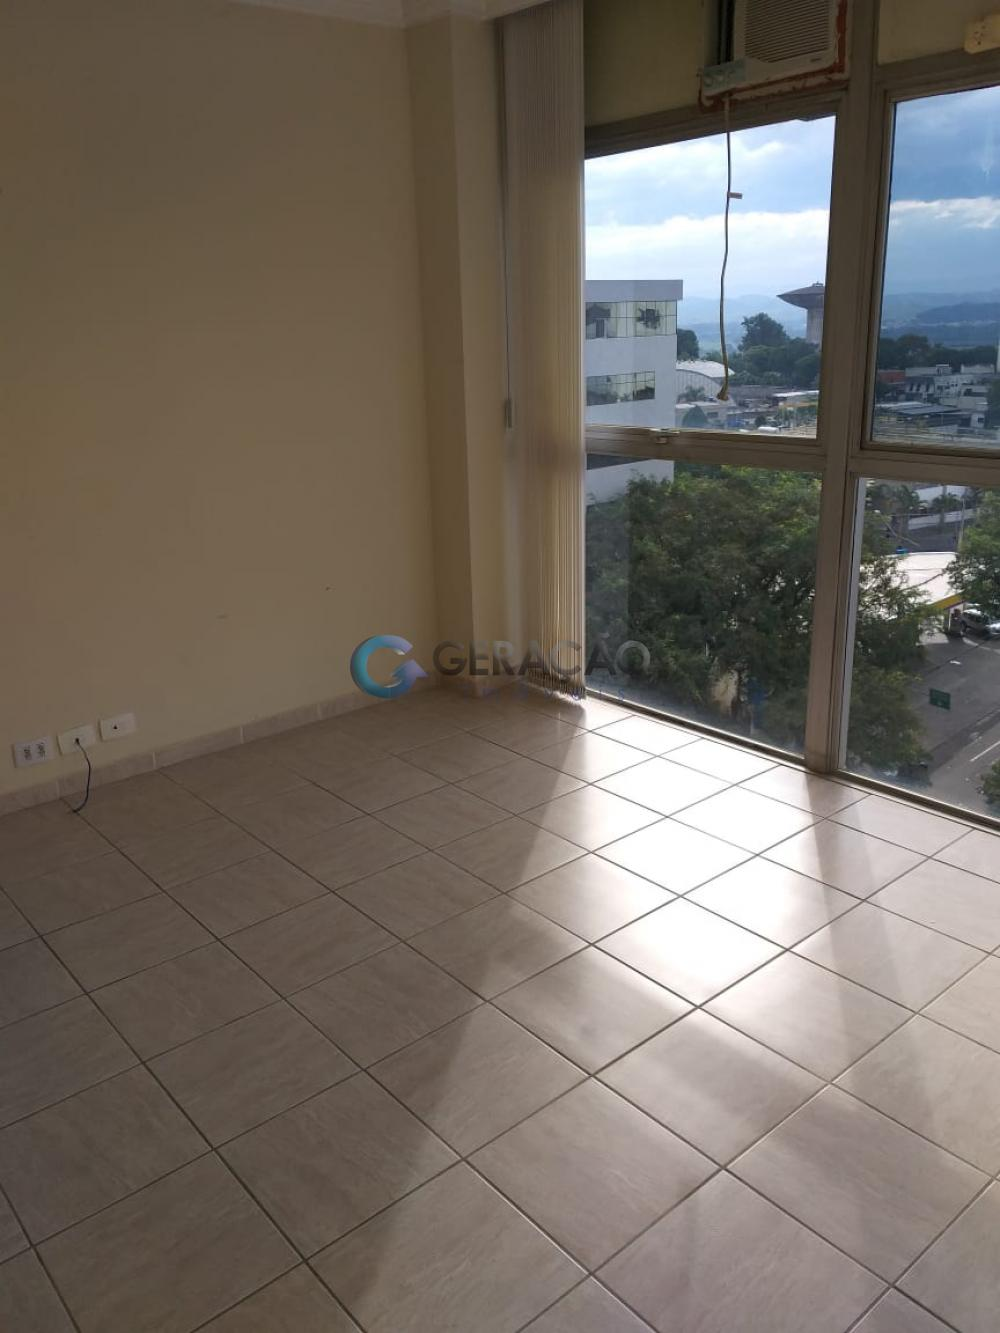 Comprar Comercial / Sala em Condomínio em São José dos Campos apenas R$ 140.000,00 - Foto 4